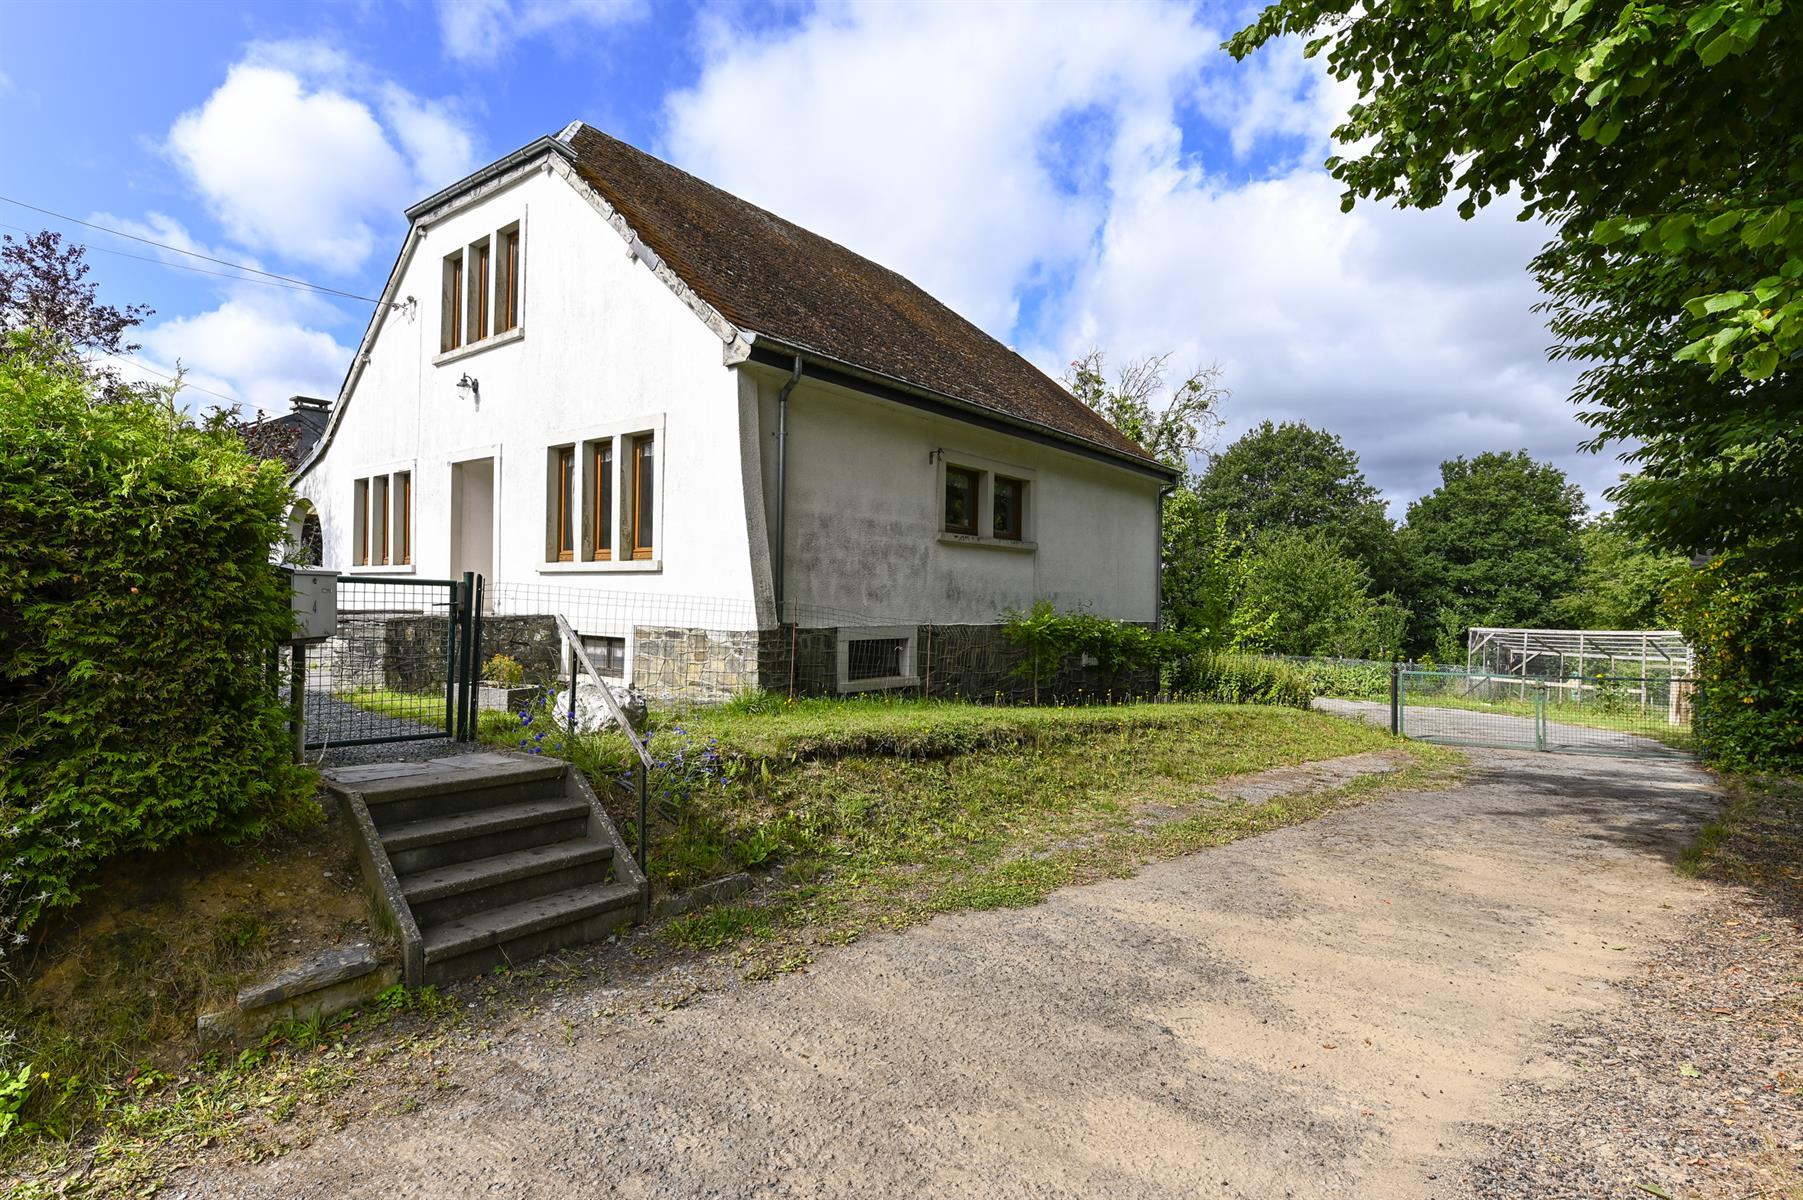 Maison - Bouillon - #4095837-2